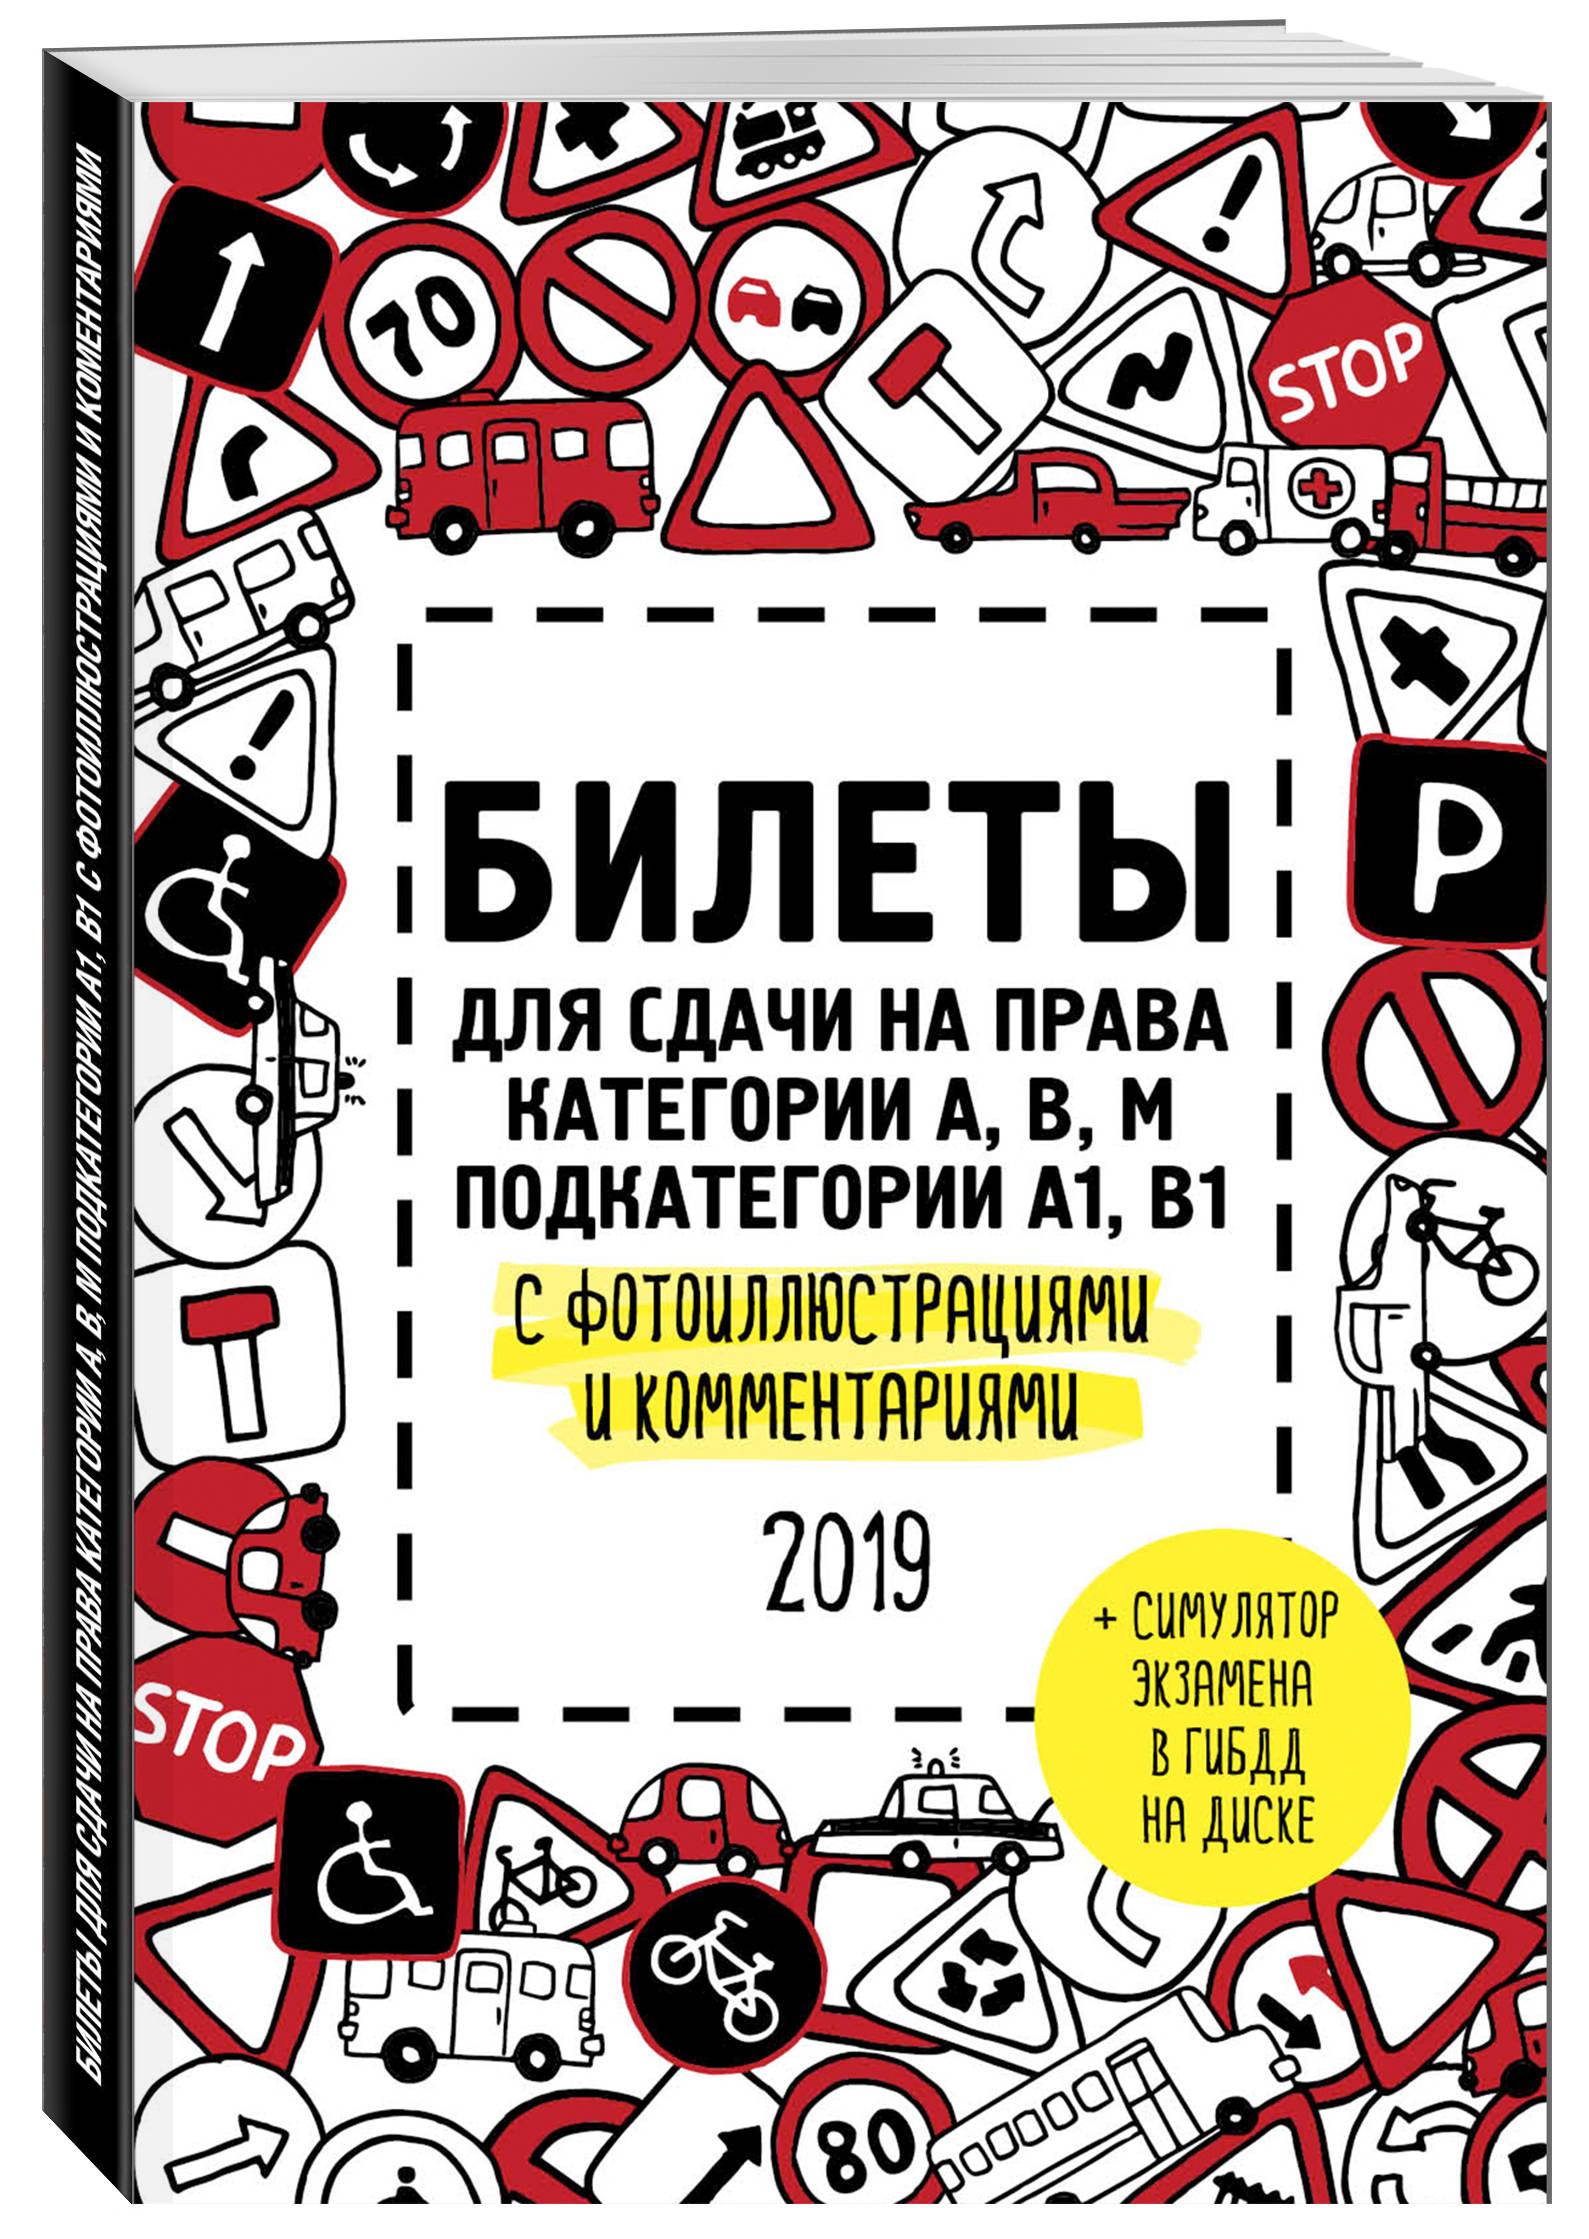 Билеты для сдачи на права категории АВM, подкатегории A1, B1 с фотоиллюстрациями и комментариями на 2019 г. (+симулятор экзамена на DVD)